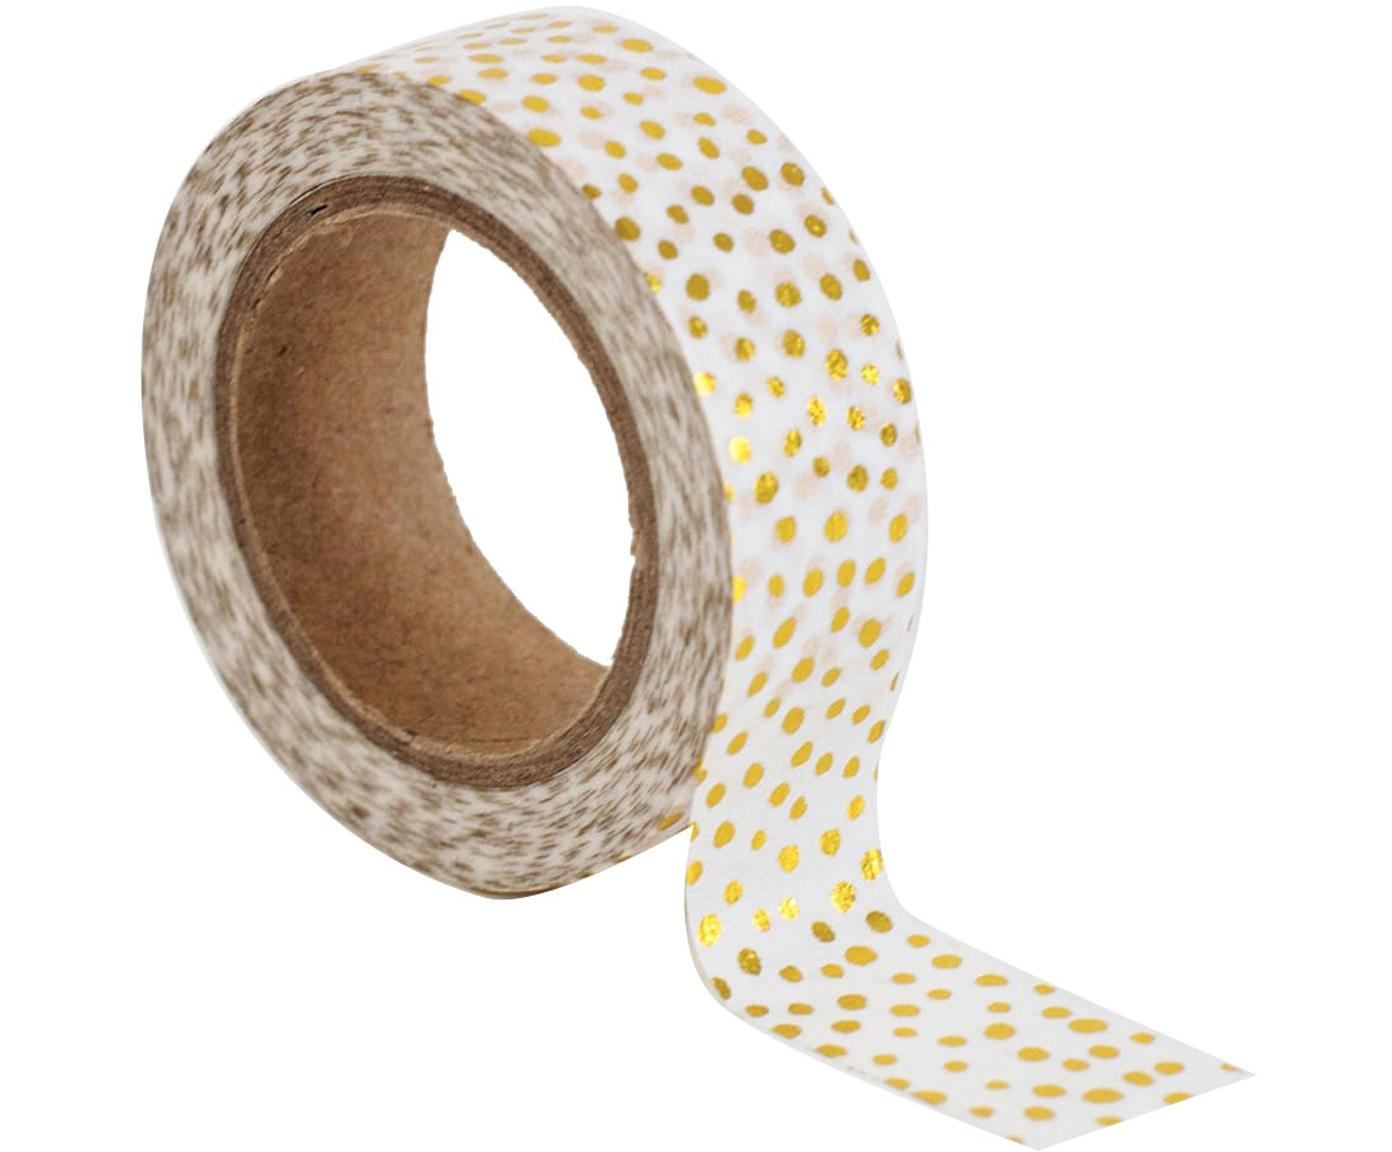 Taśma klejąca Dotty, 3 szt., Tworzywo sztuczne, Biały, odcienie złotego, D 1000 cm